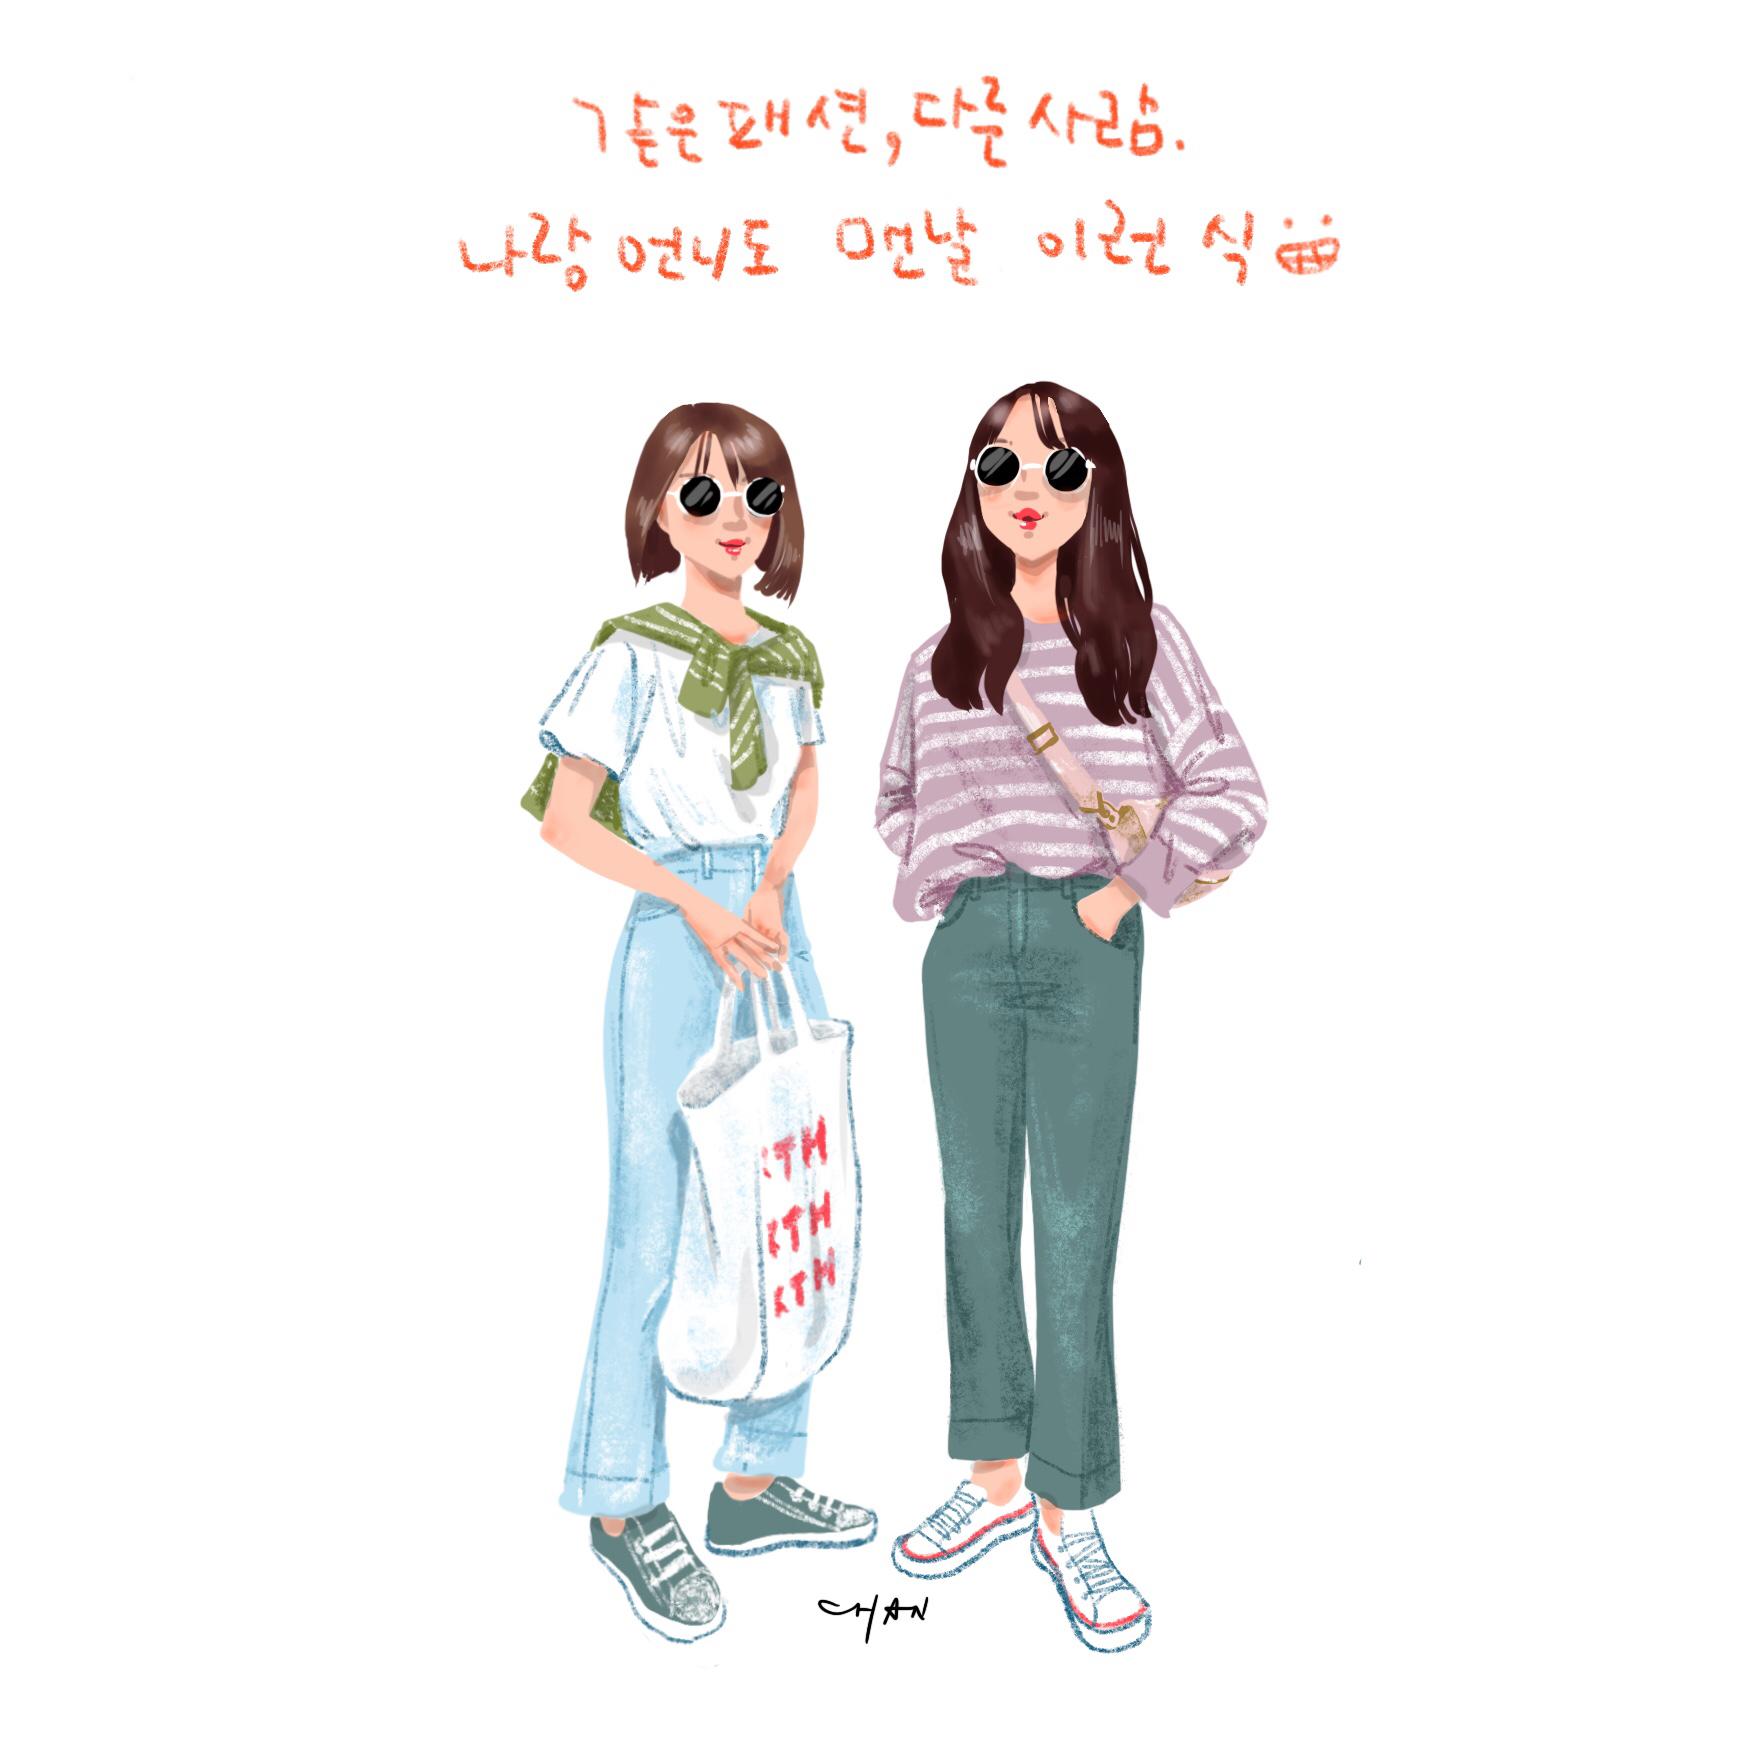 예쁜 패션 인스타 계정들 2 -  이번 주 '그려보았다'..